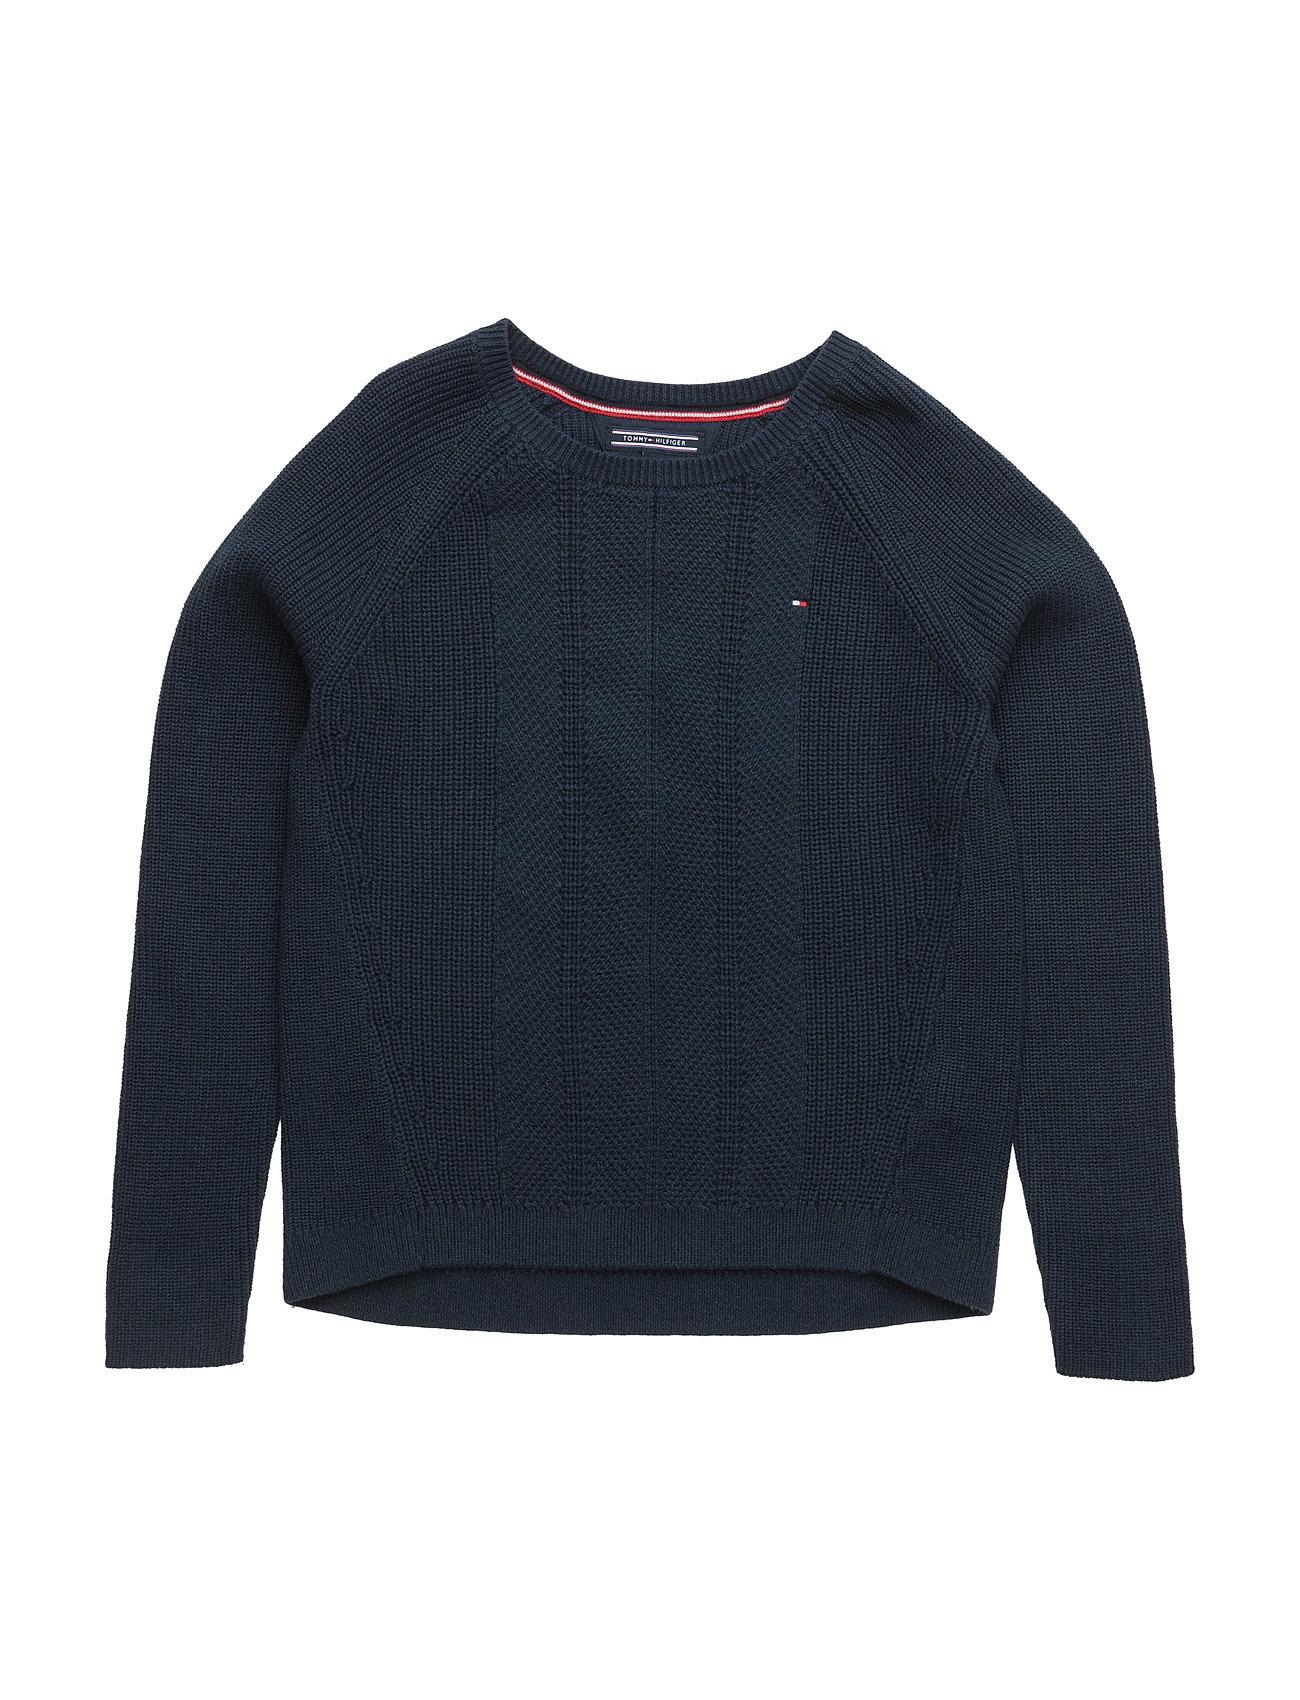 Ame Dg Basic Cn Sweater L/S 16 Tommy Hilfiger  til Børn i Blå